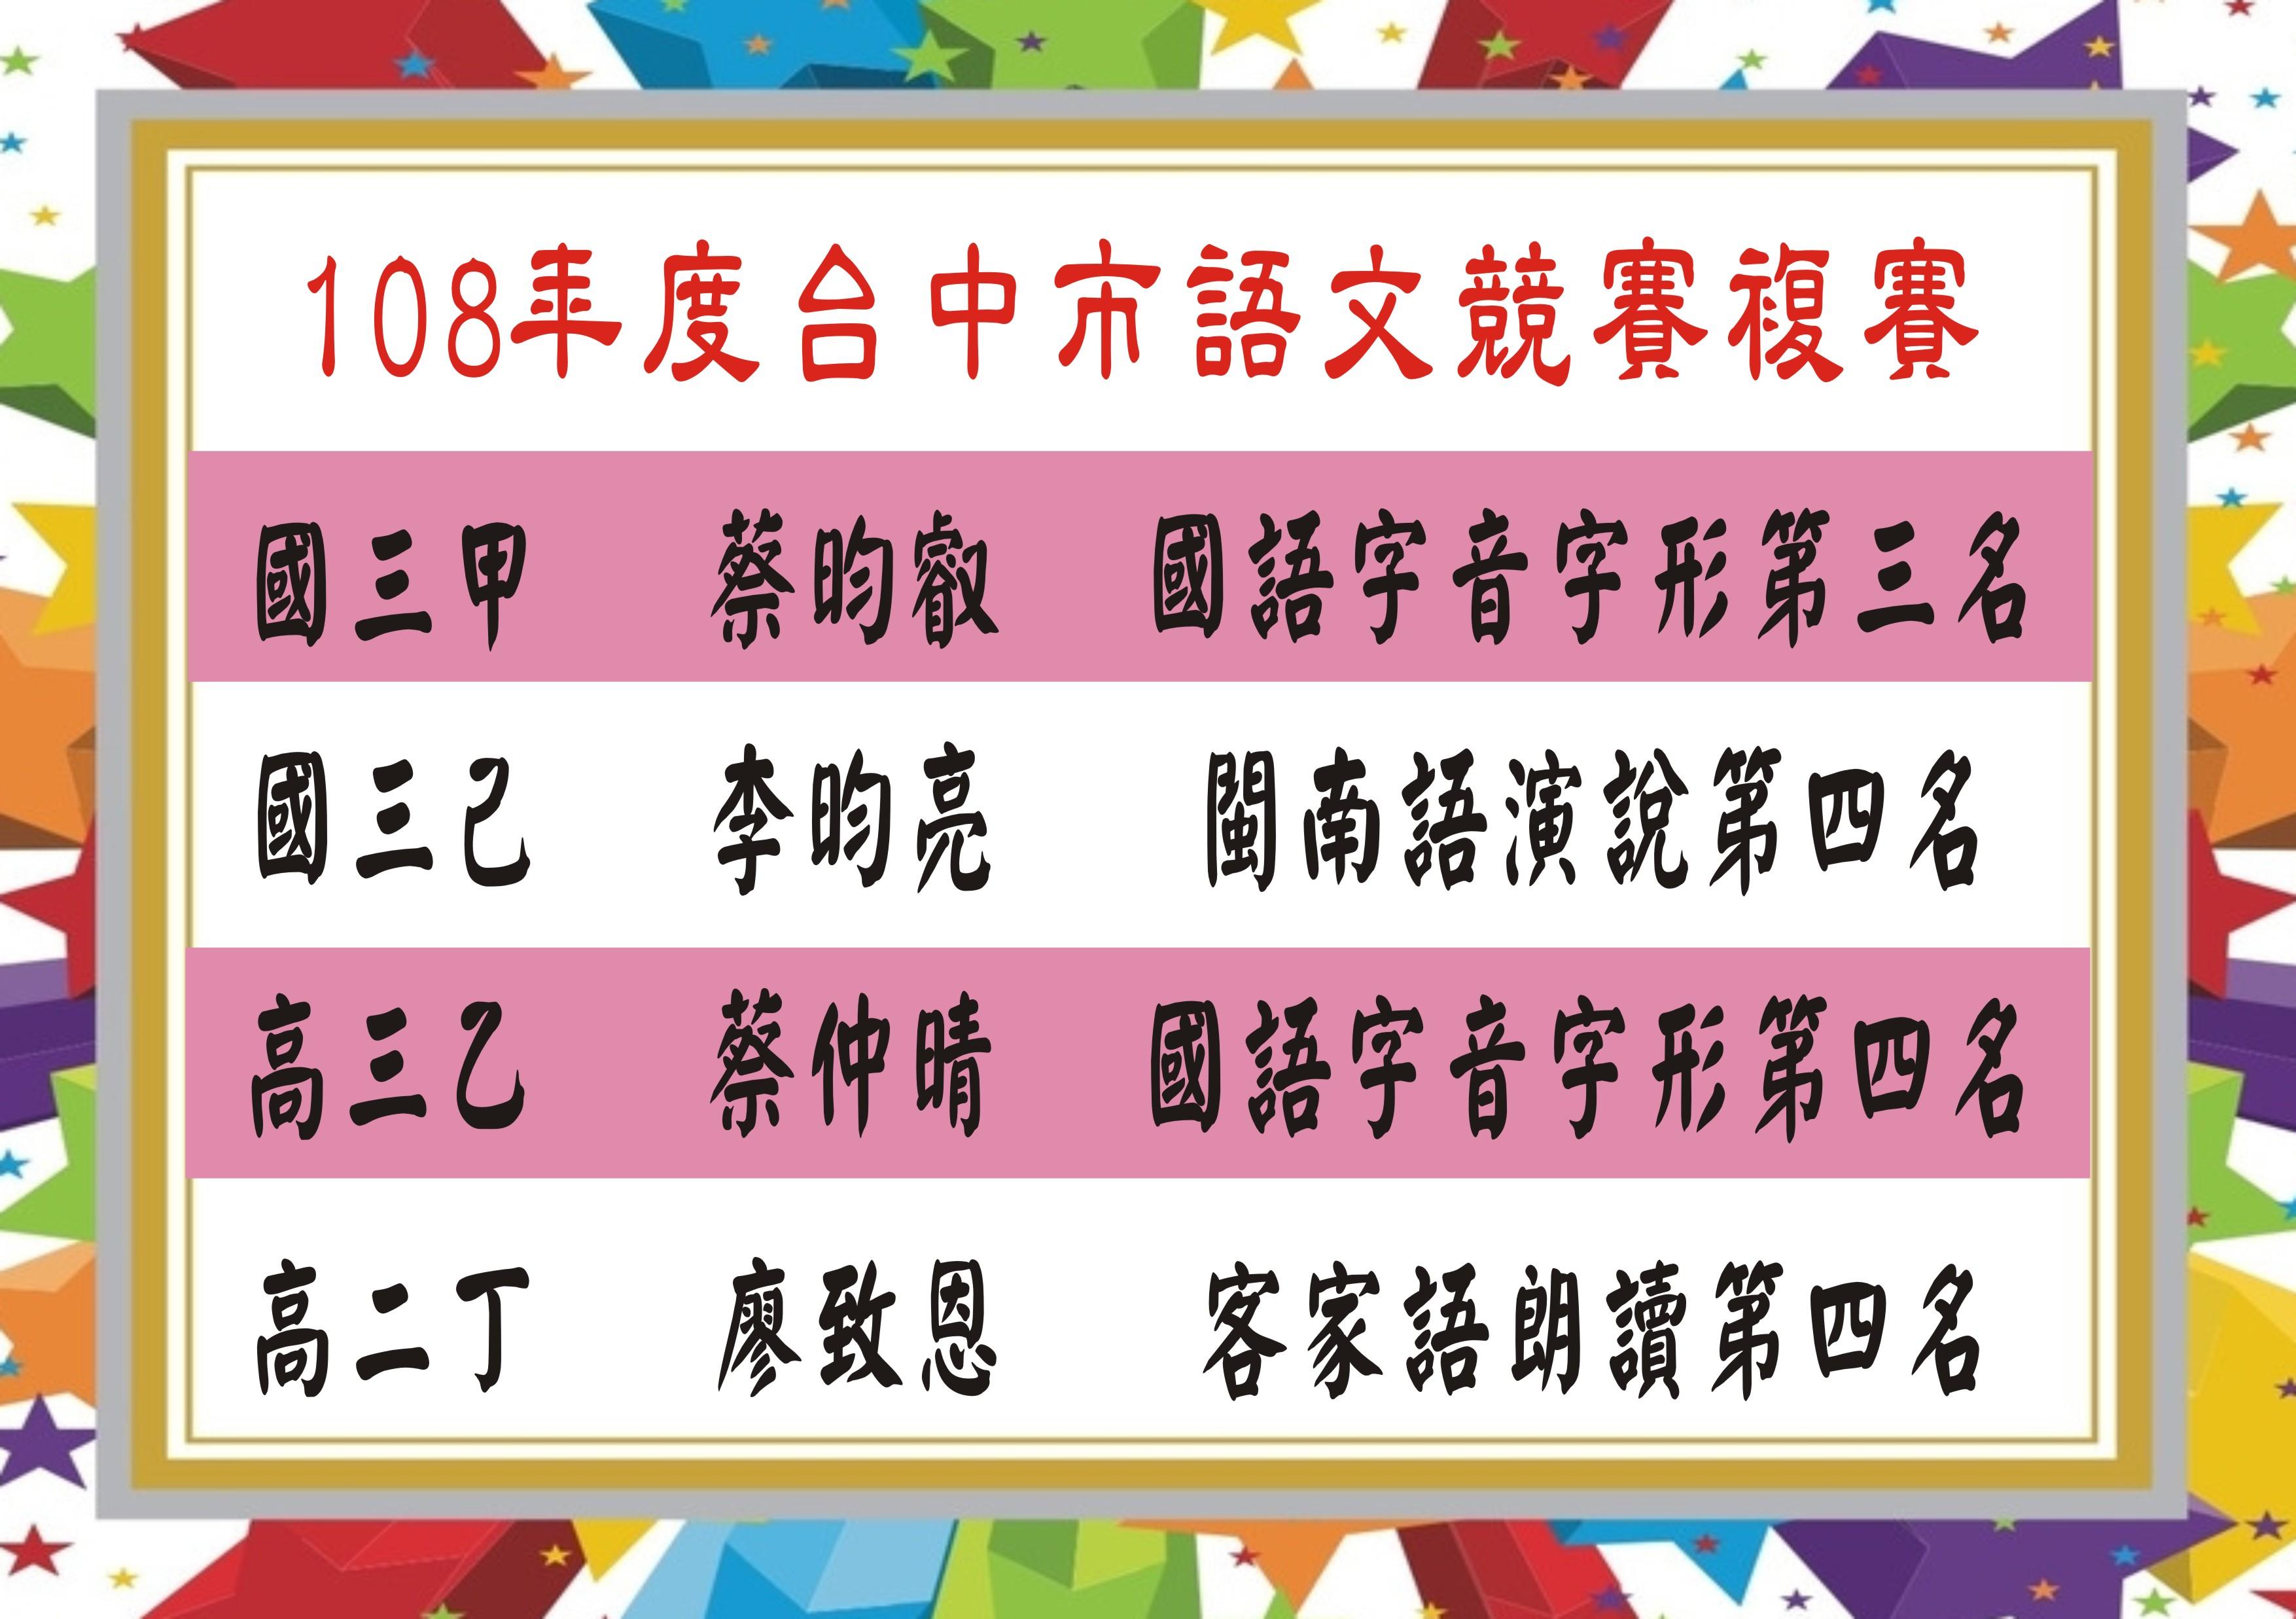 賀~本校參加「108年台中市語文競賽複賽」榮獲佳績